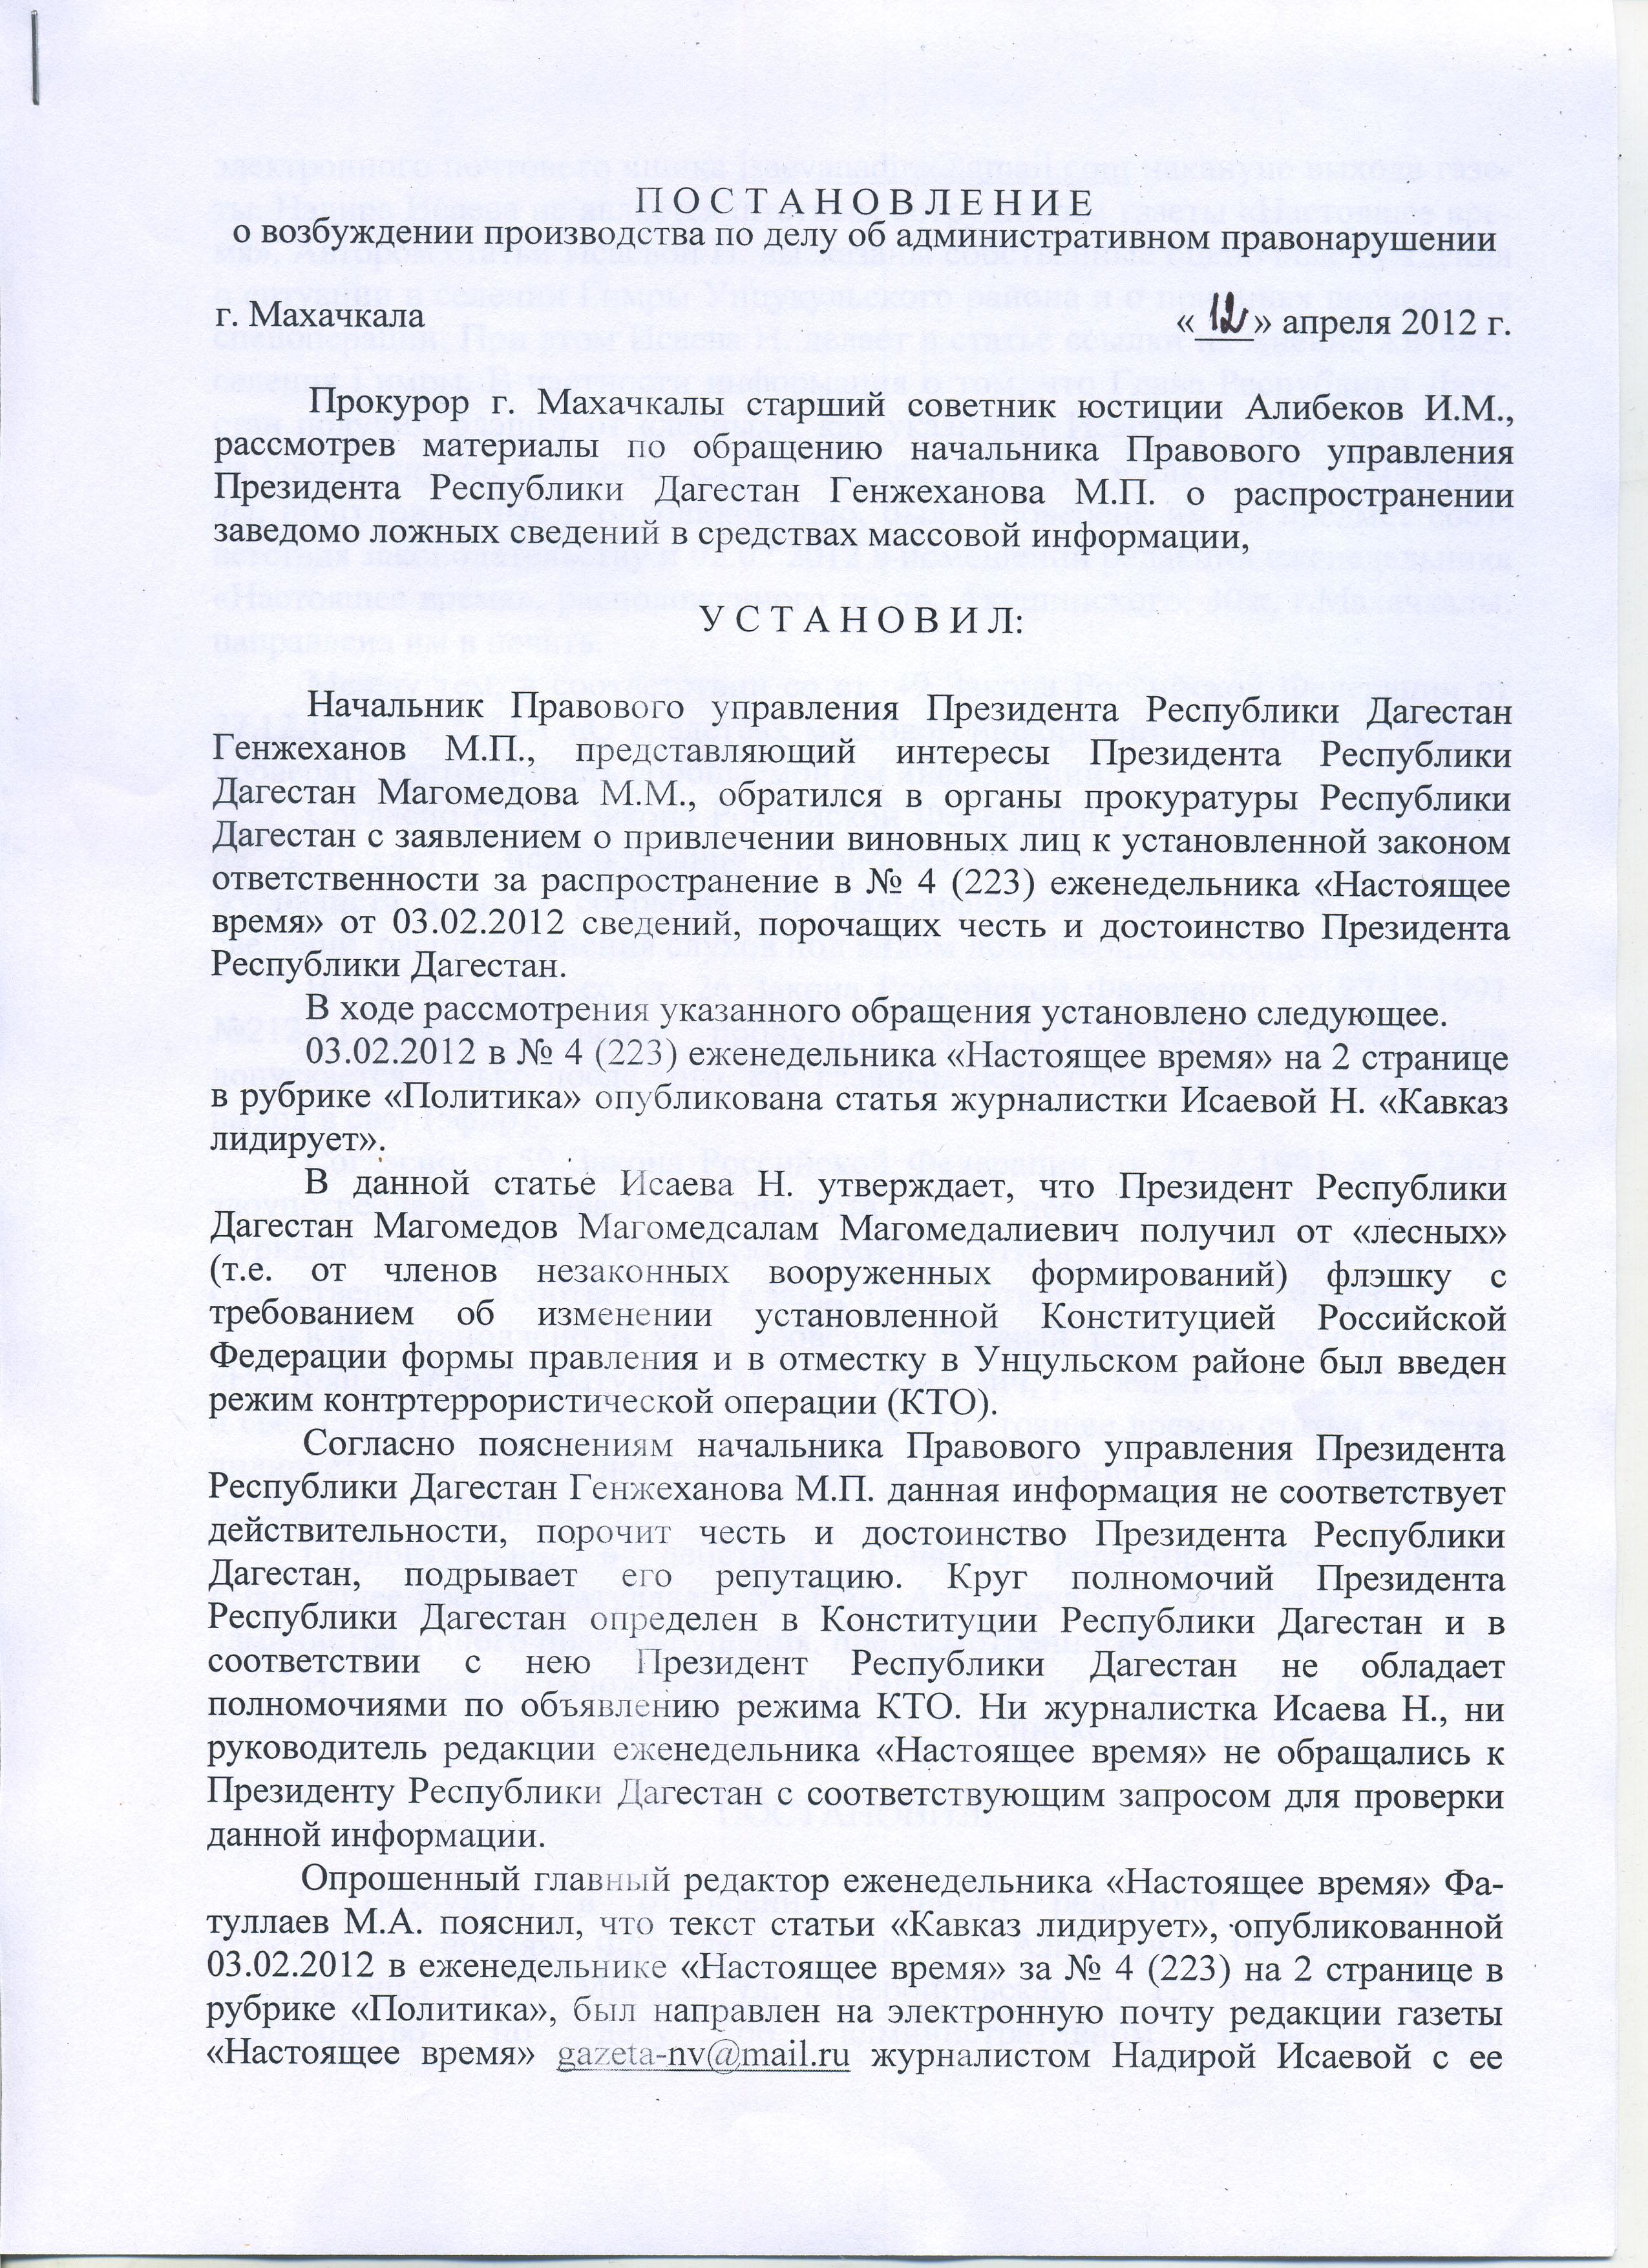 образец апелляции в административный суд